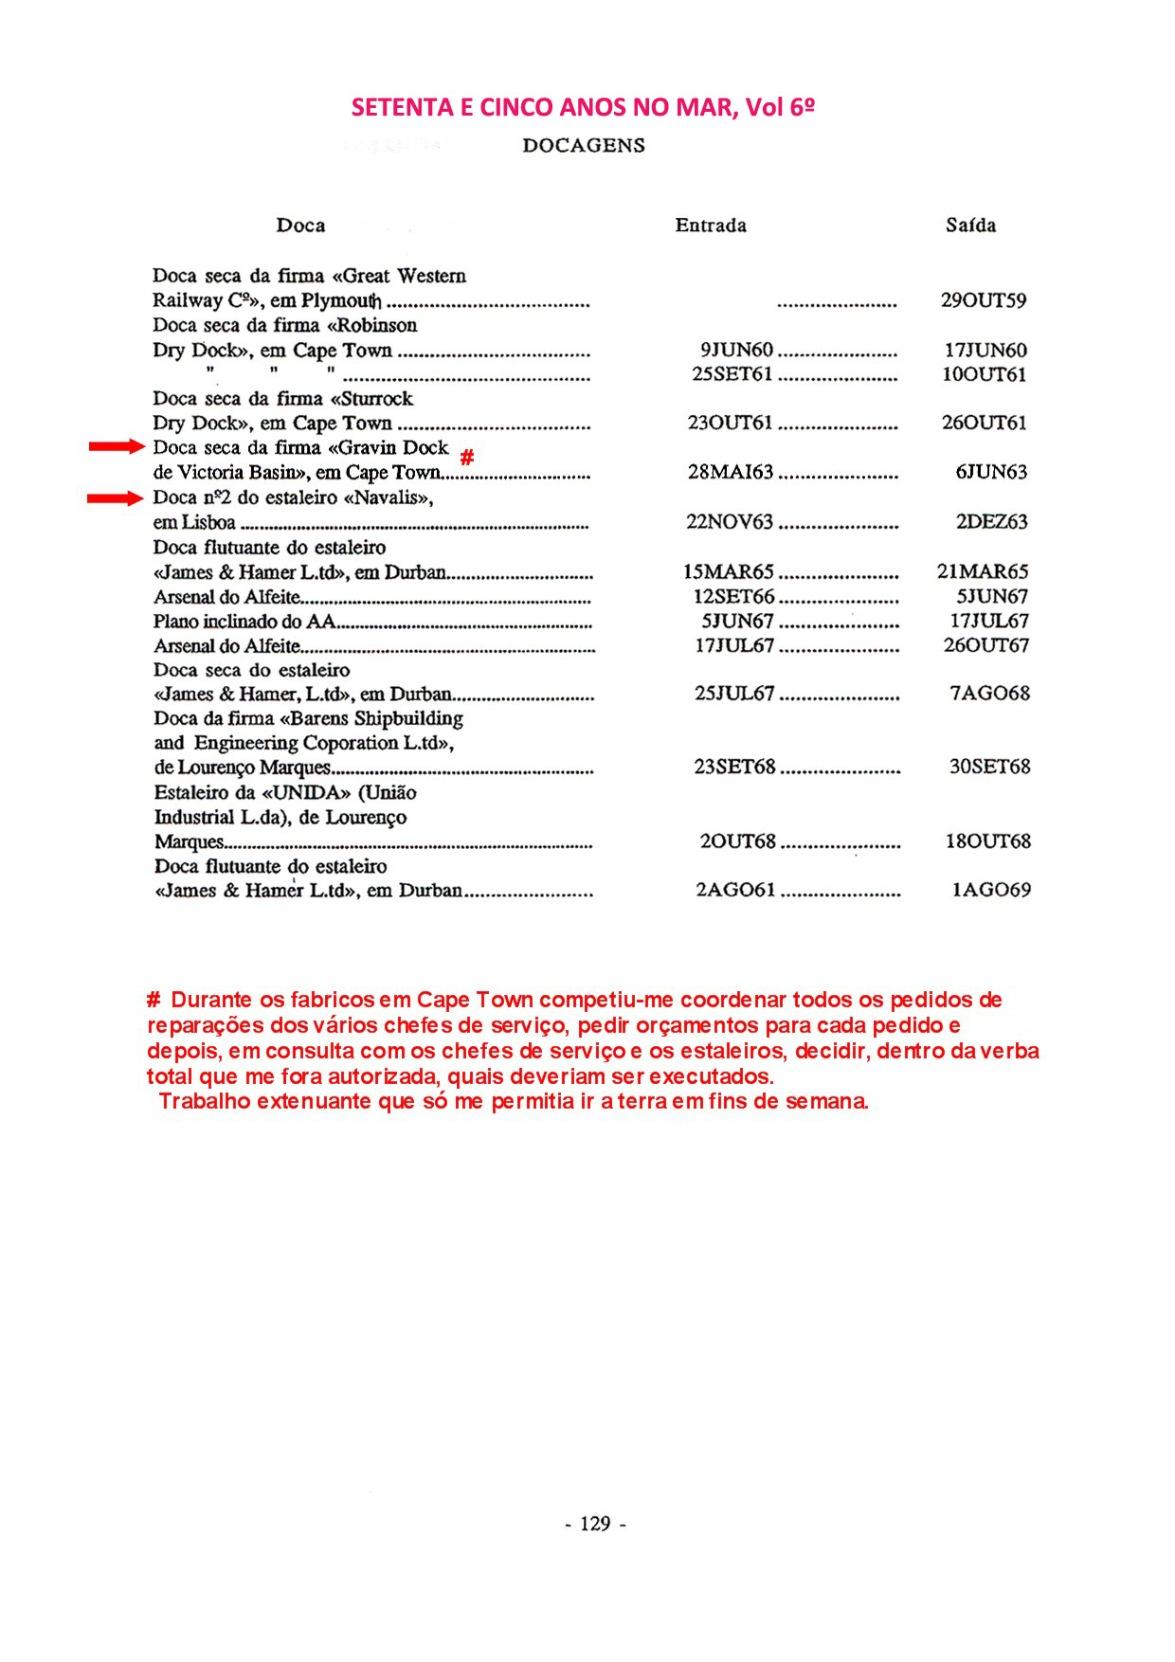 00429 Comissão em Angola e Moçambique como Imediato da FF Pacheco Pereira-Setenta e Cinco Anos no Mar, Vol 6º